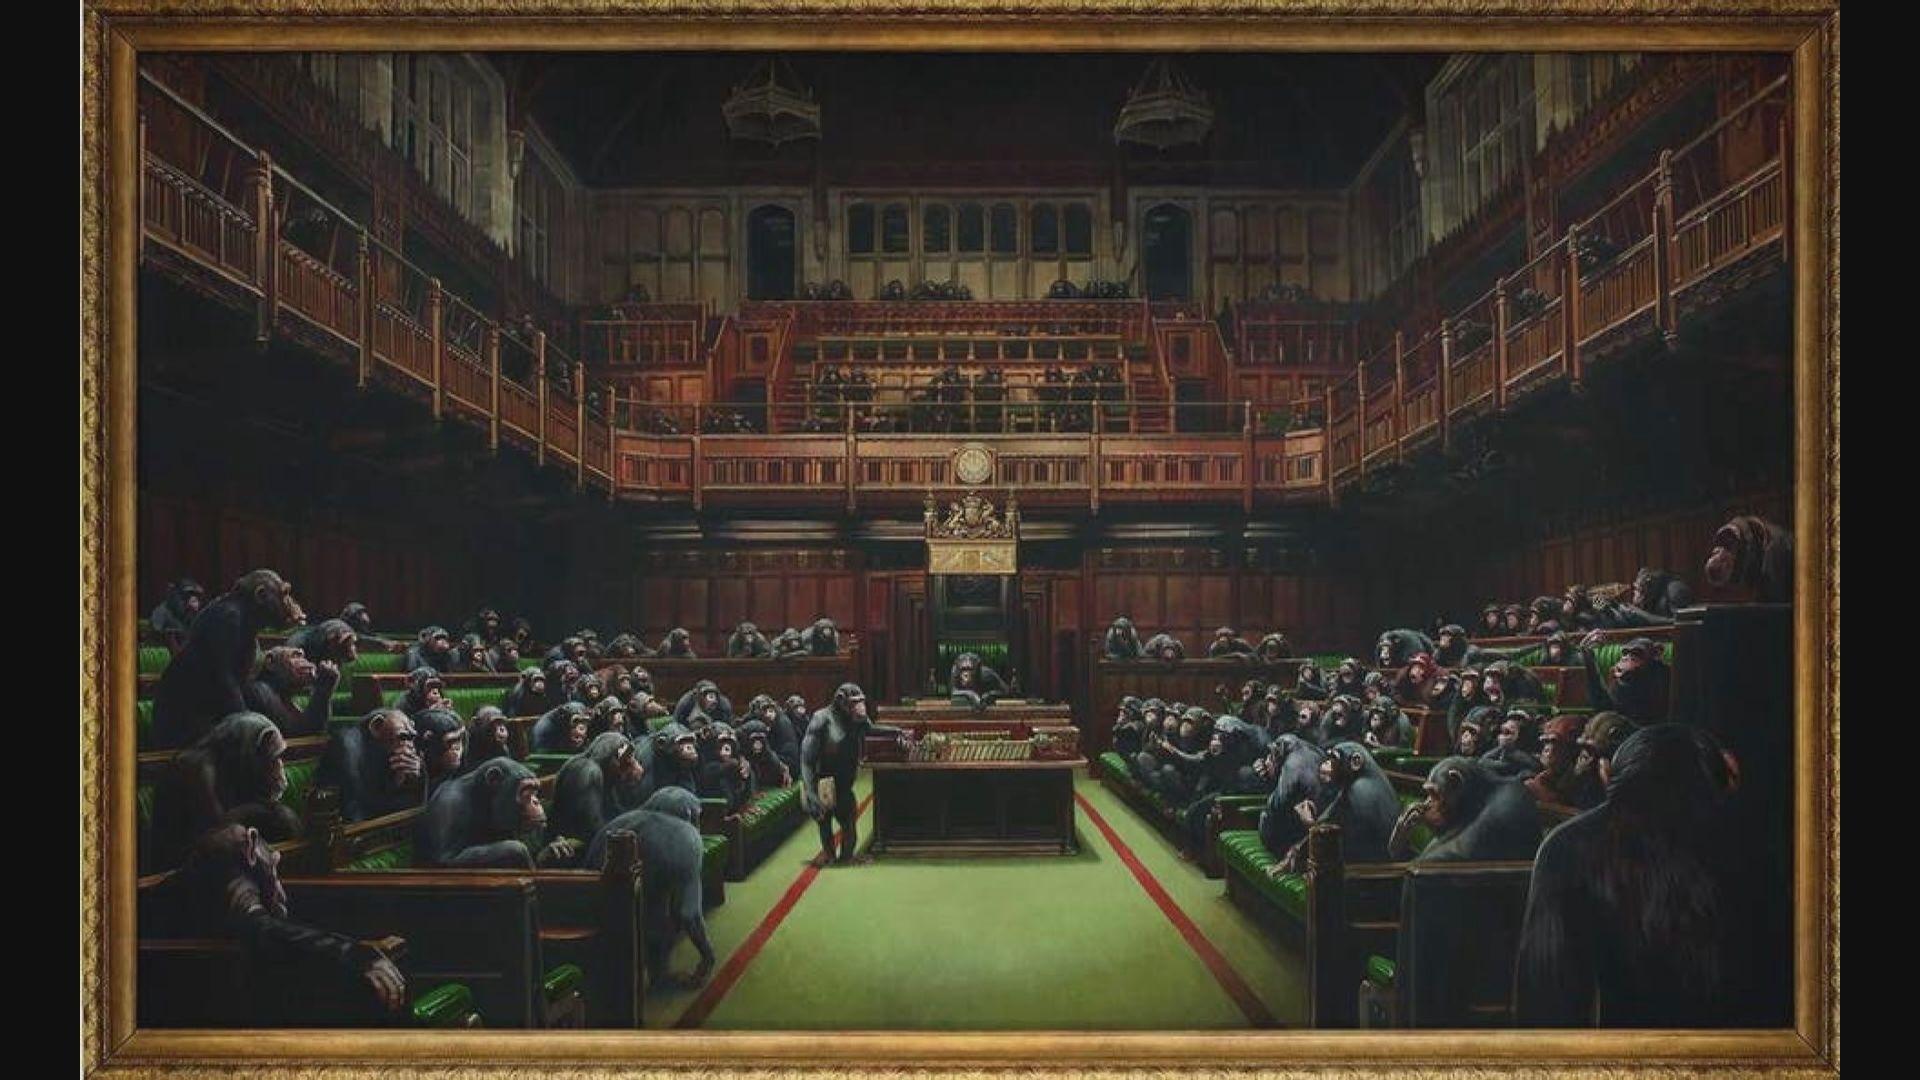 【環球薈報】塗鴉大師諷刺英國國會畫作破紀錄價成交